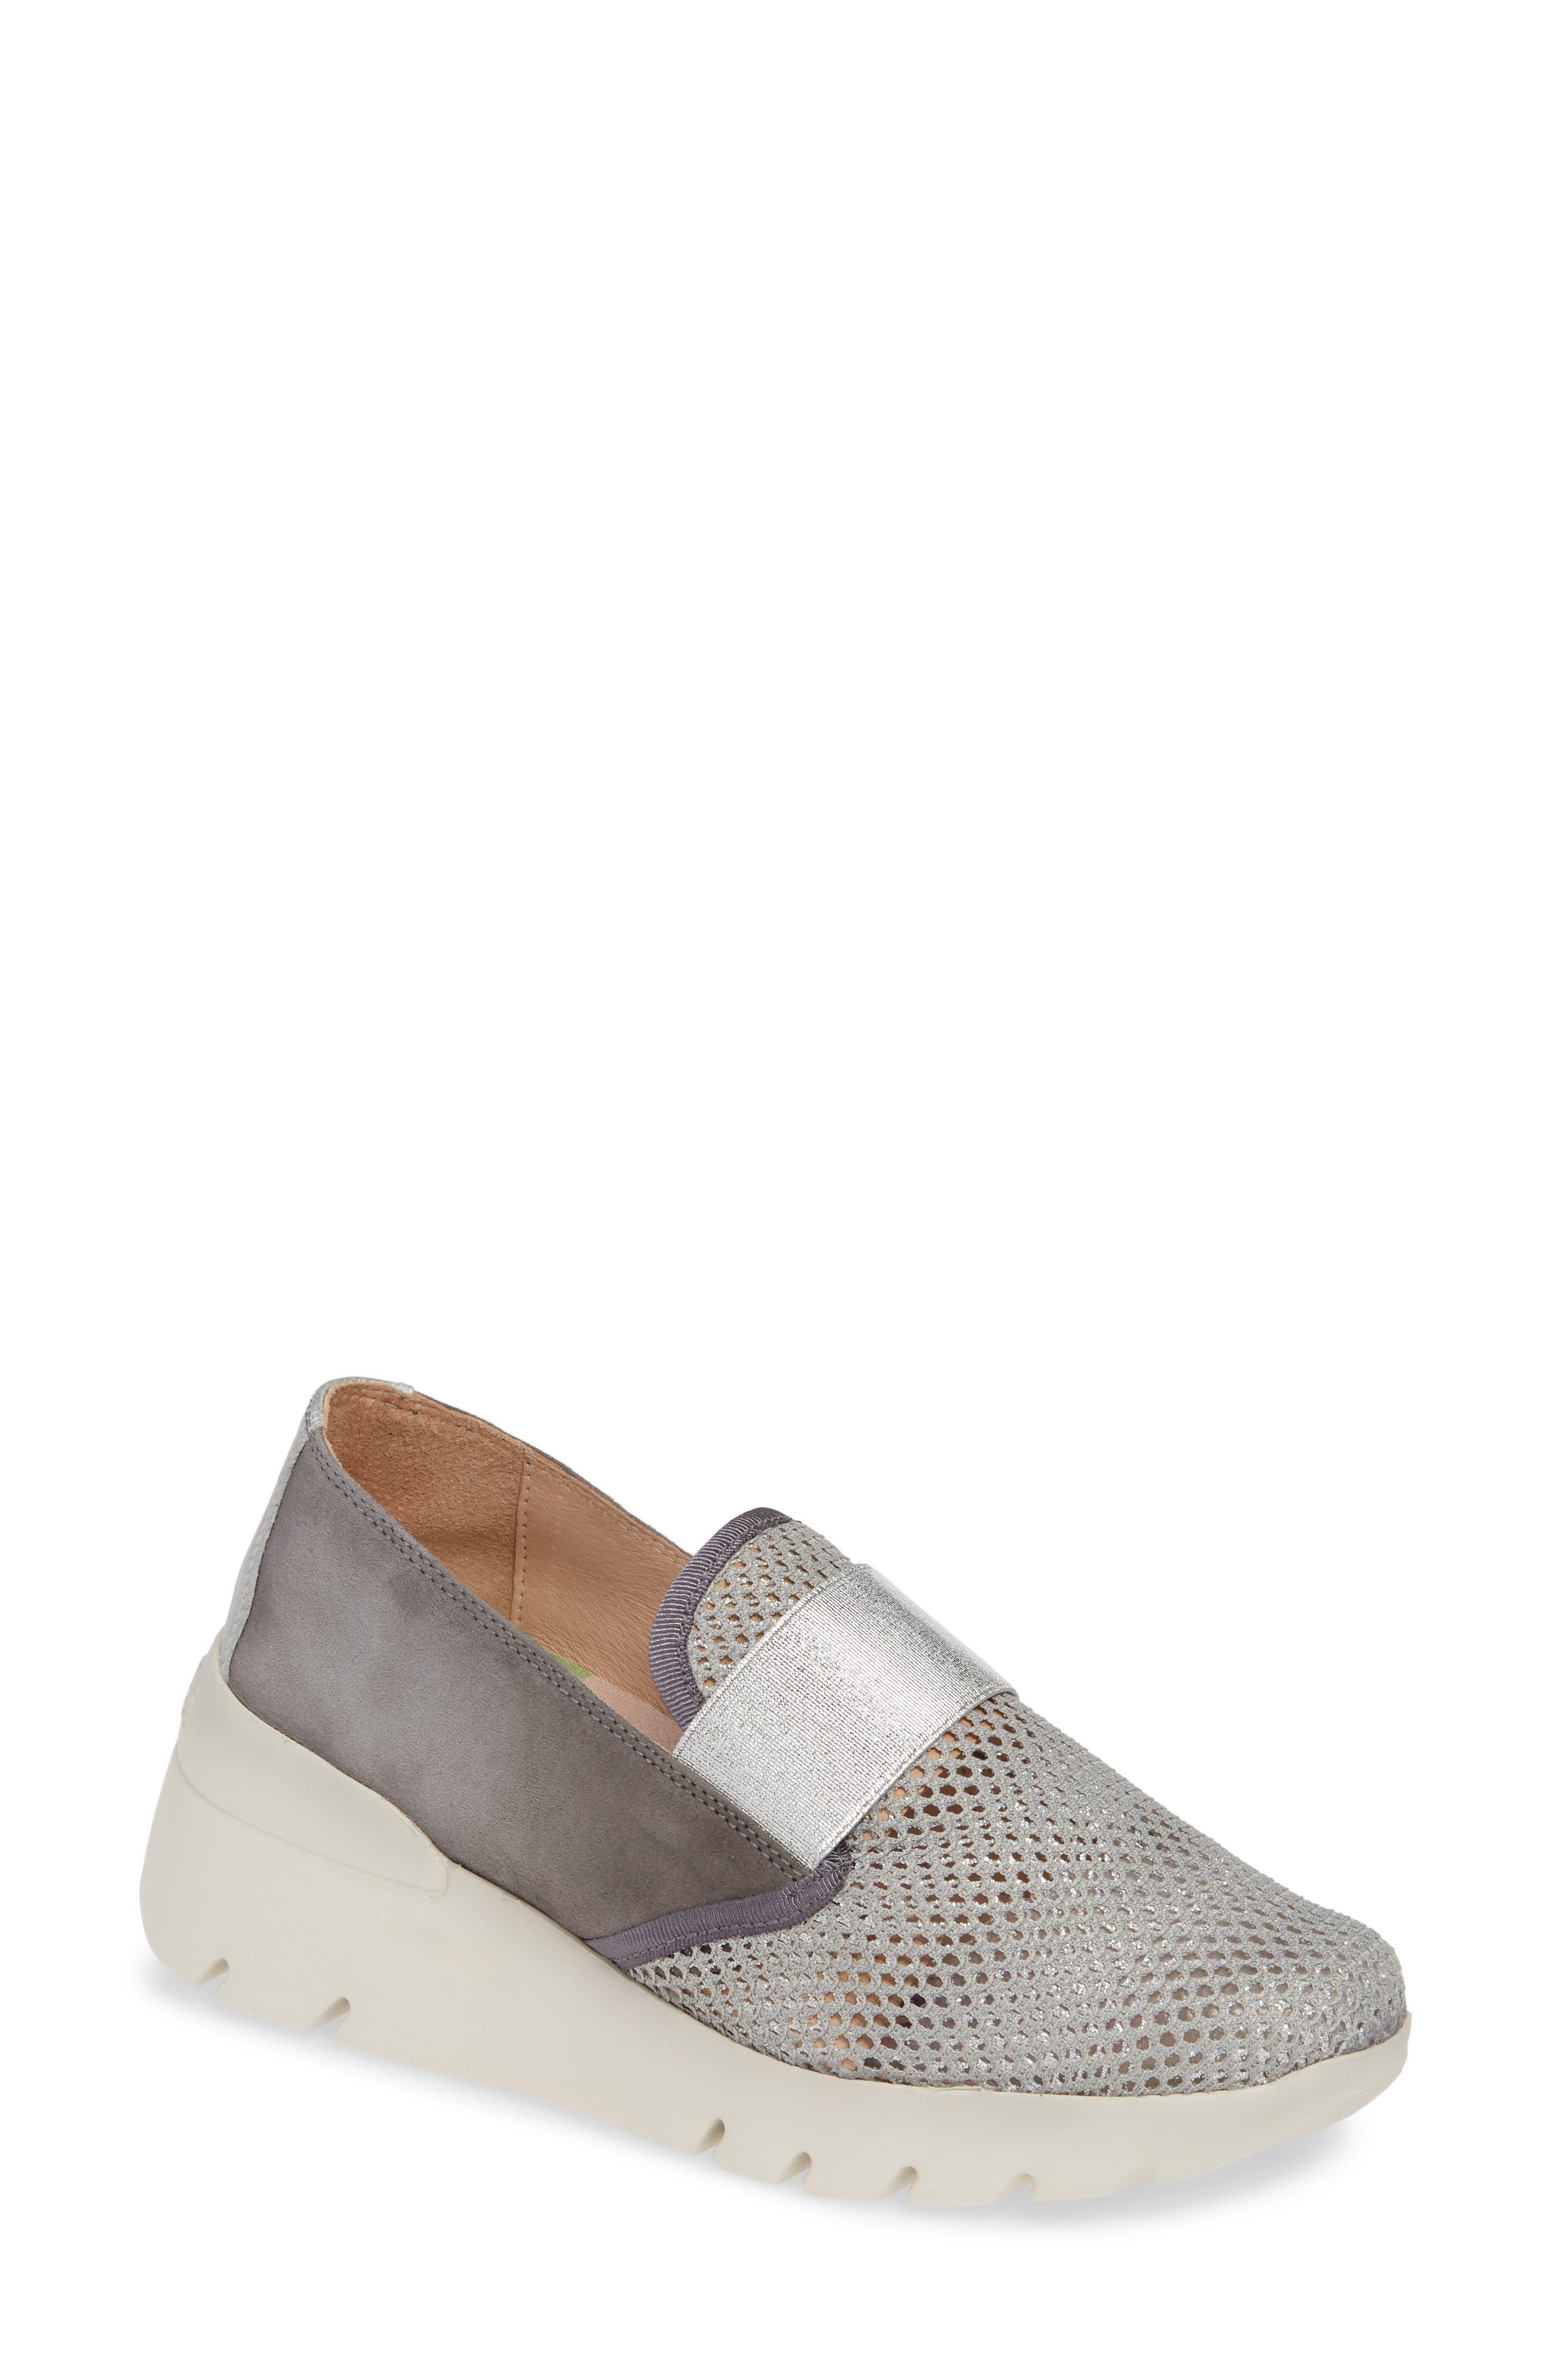 HISPANITAS Reeva Slip-On Wedge Sneaker, Main, color, GREY CARBON SUEDE